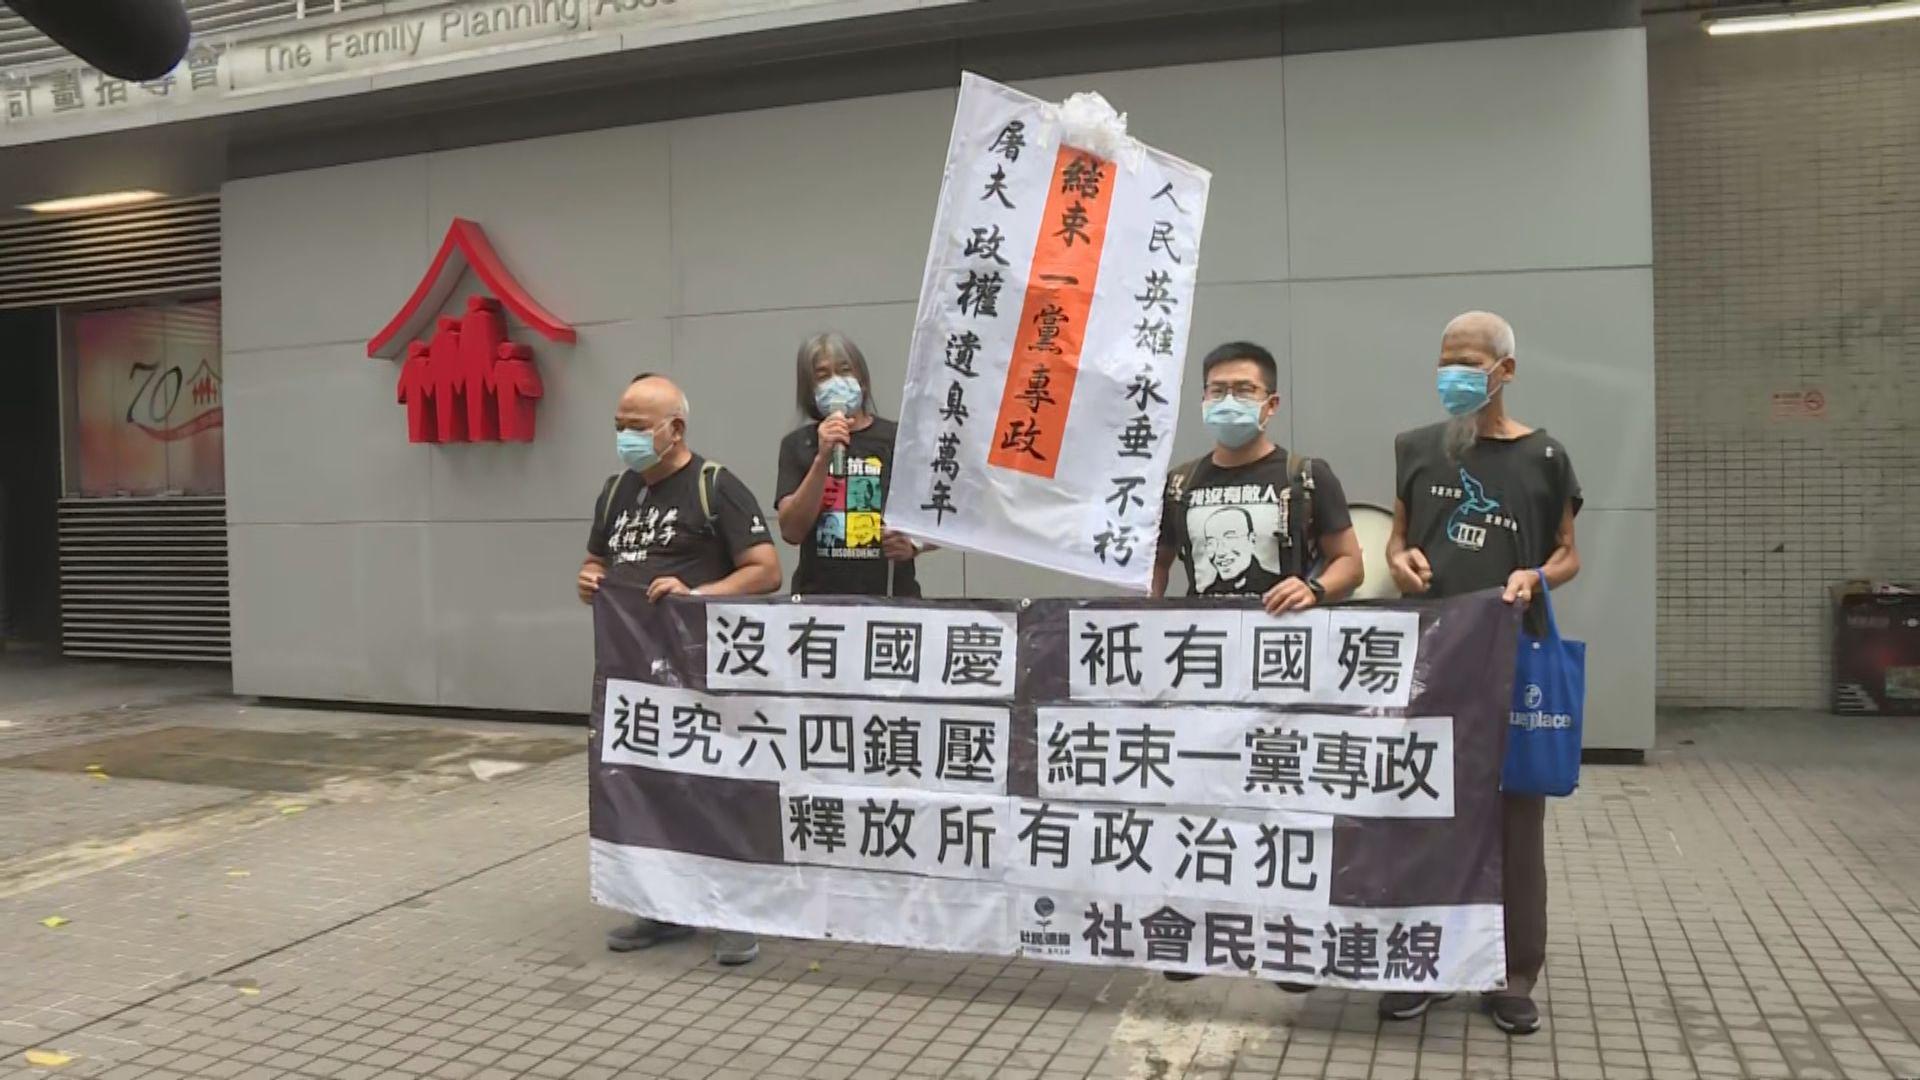 社民連等四人示威要求釋放十二港人及其他政治犯